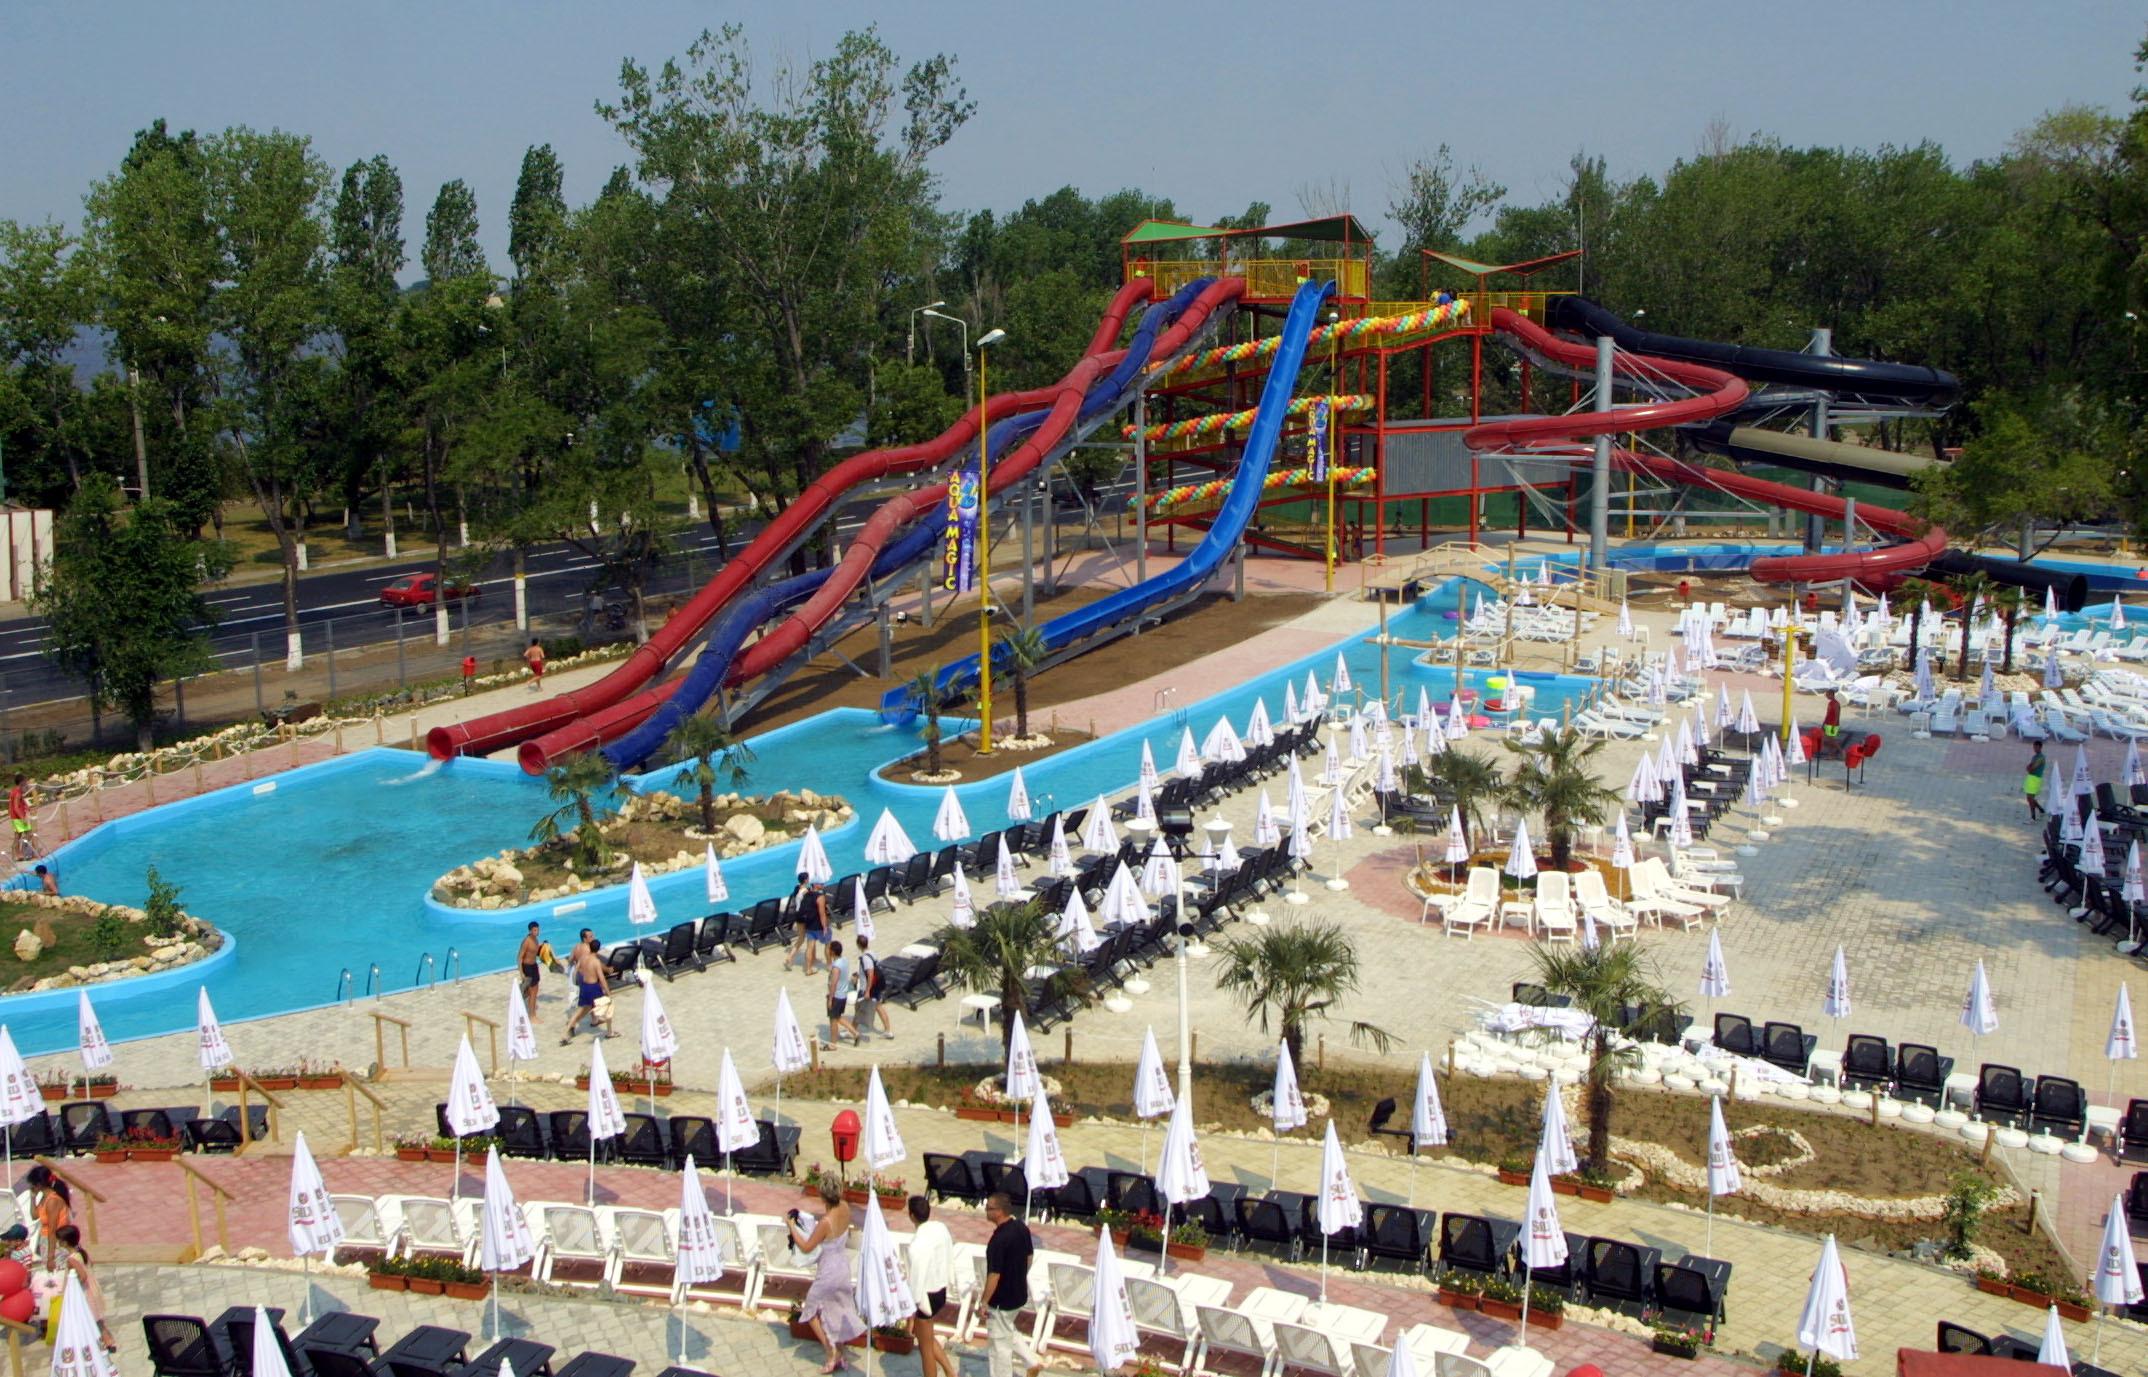 Parcurile acvatice din Mamaia şi Eforie Nord, gratuite pentru toţi copiii. Submarinul şi toboganul de mare viteză, printre noile achiziţii făcute pentru a atrage turiştii